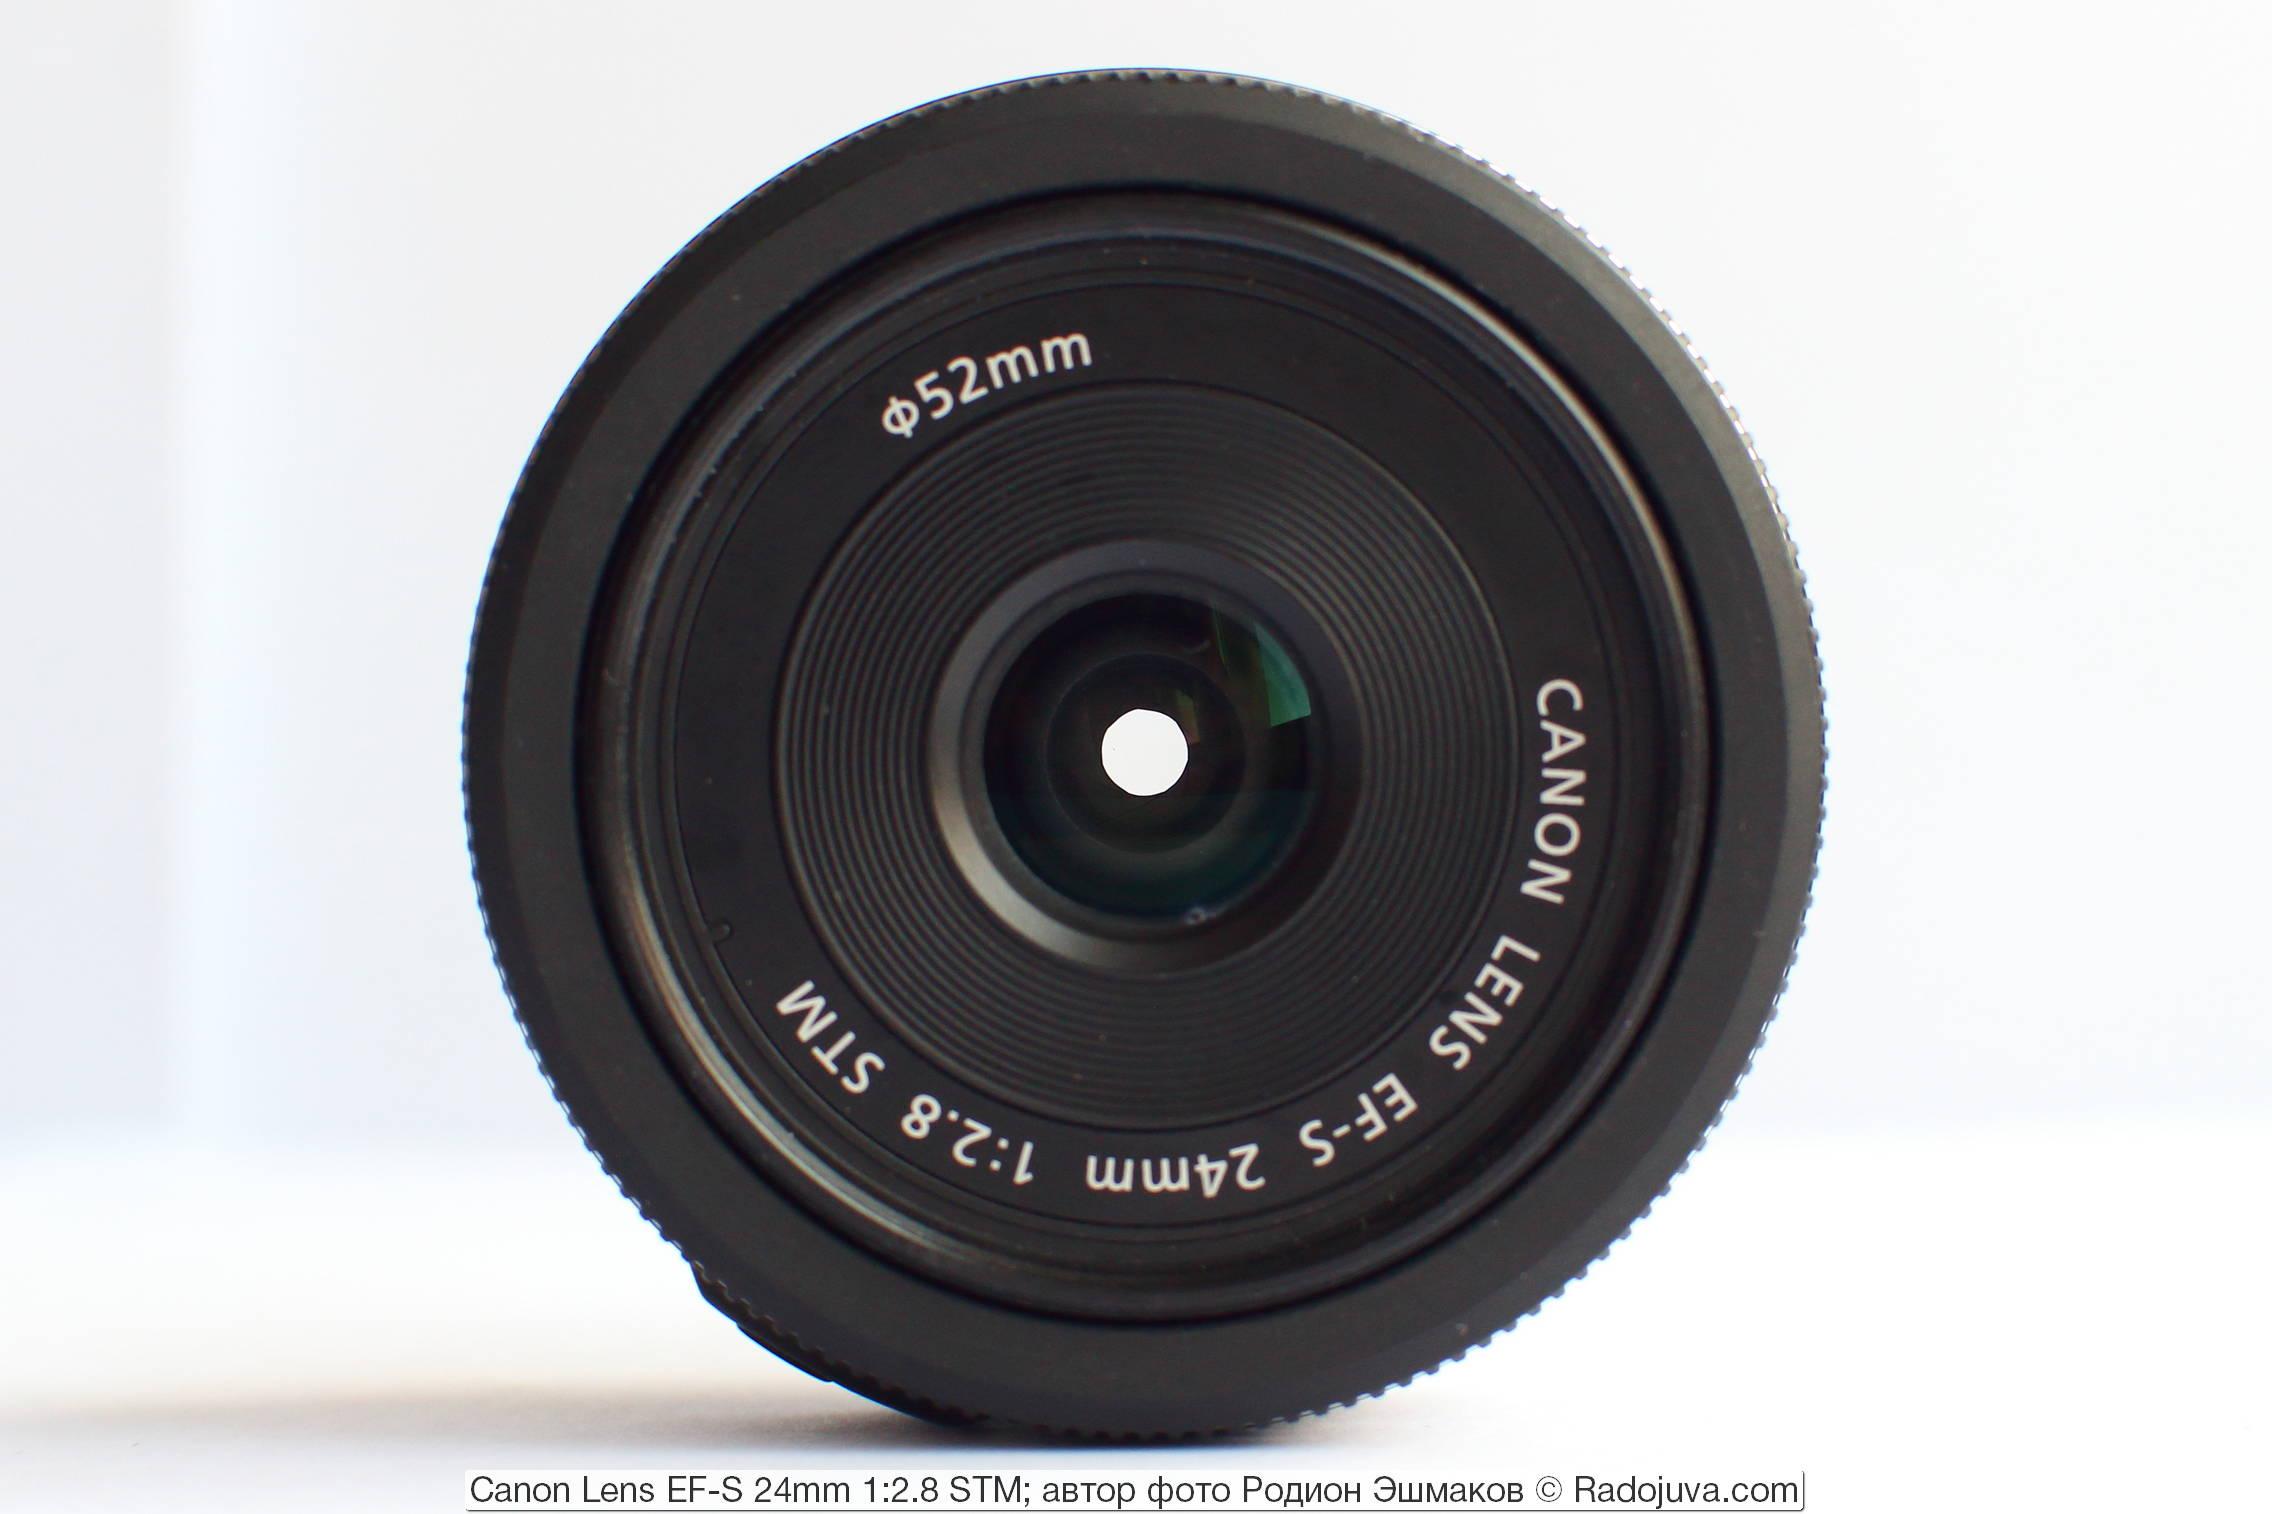 Почти идеально круглое отверстие диафрагмы Canon EF-S 24/2.8 STM.